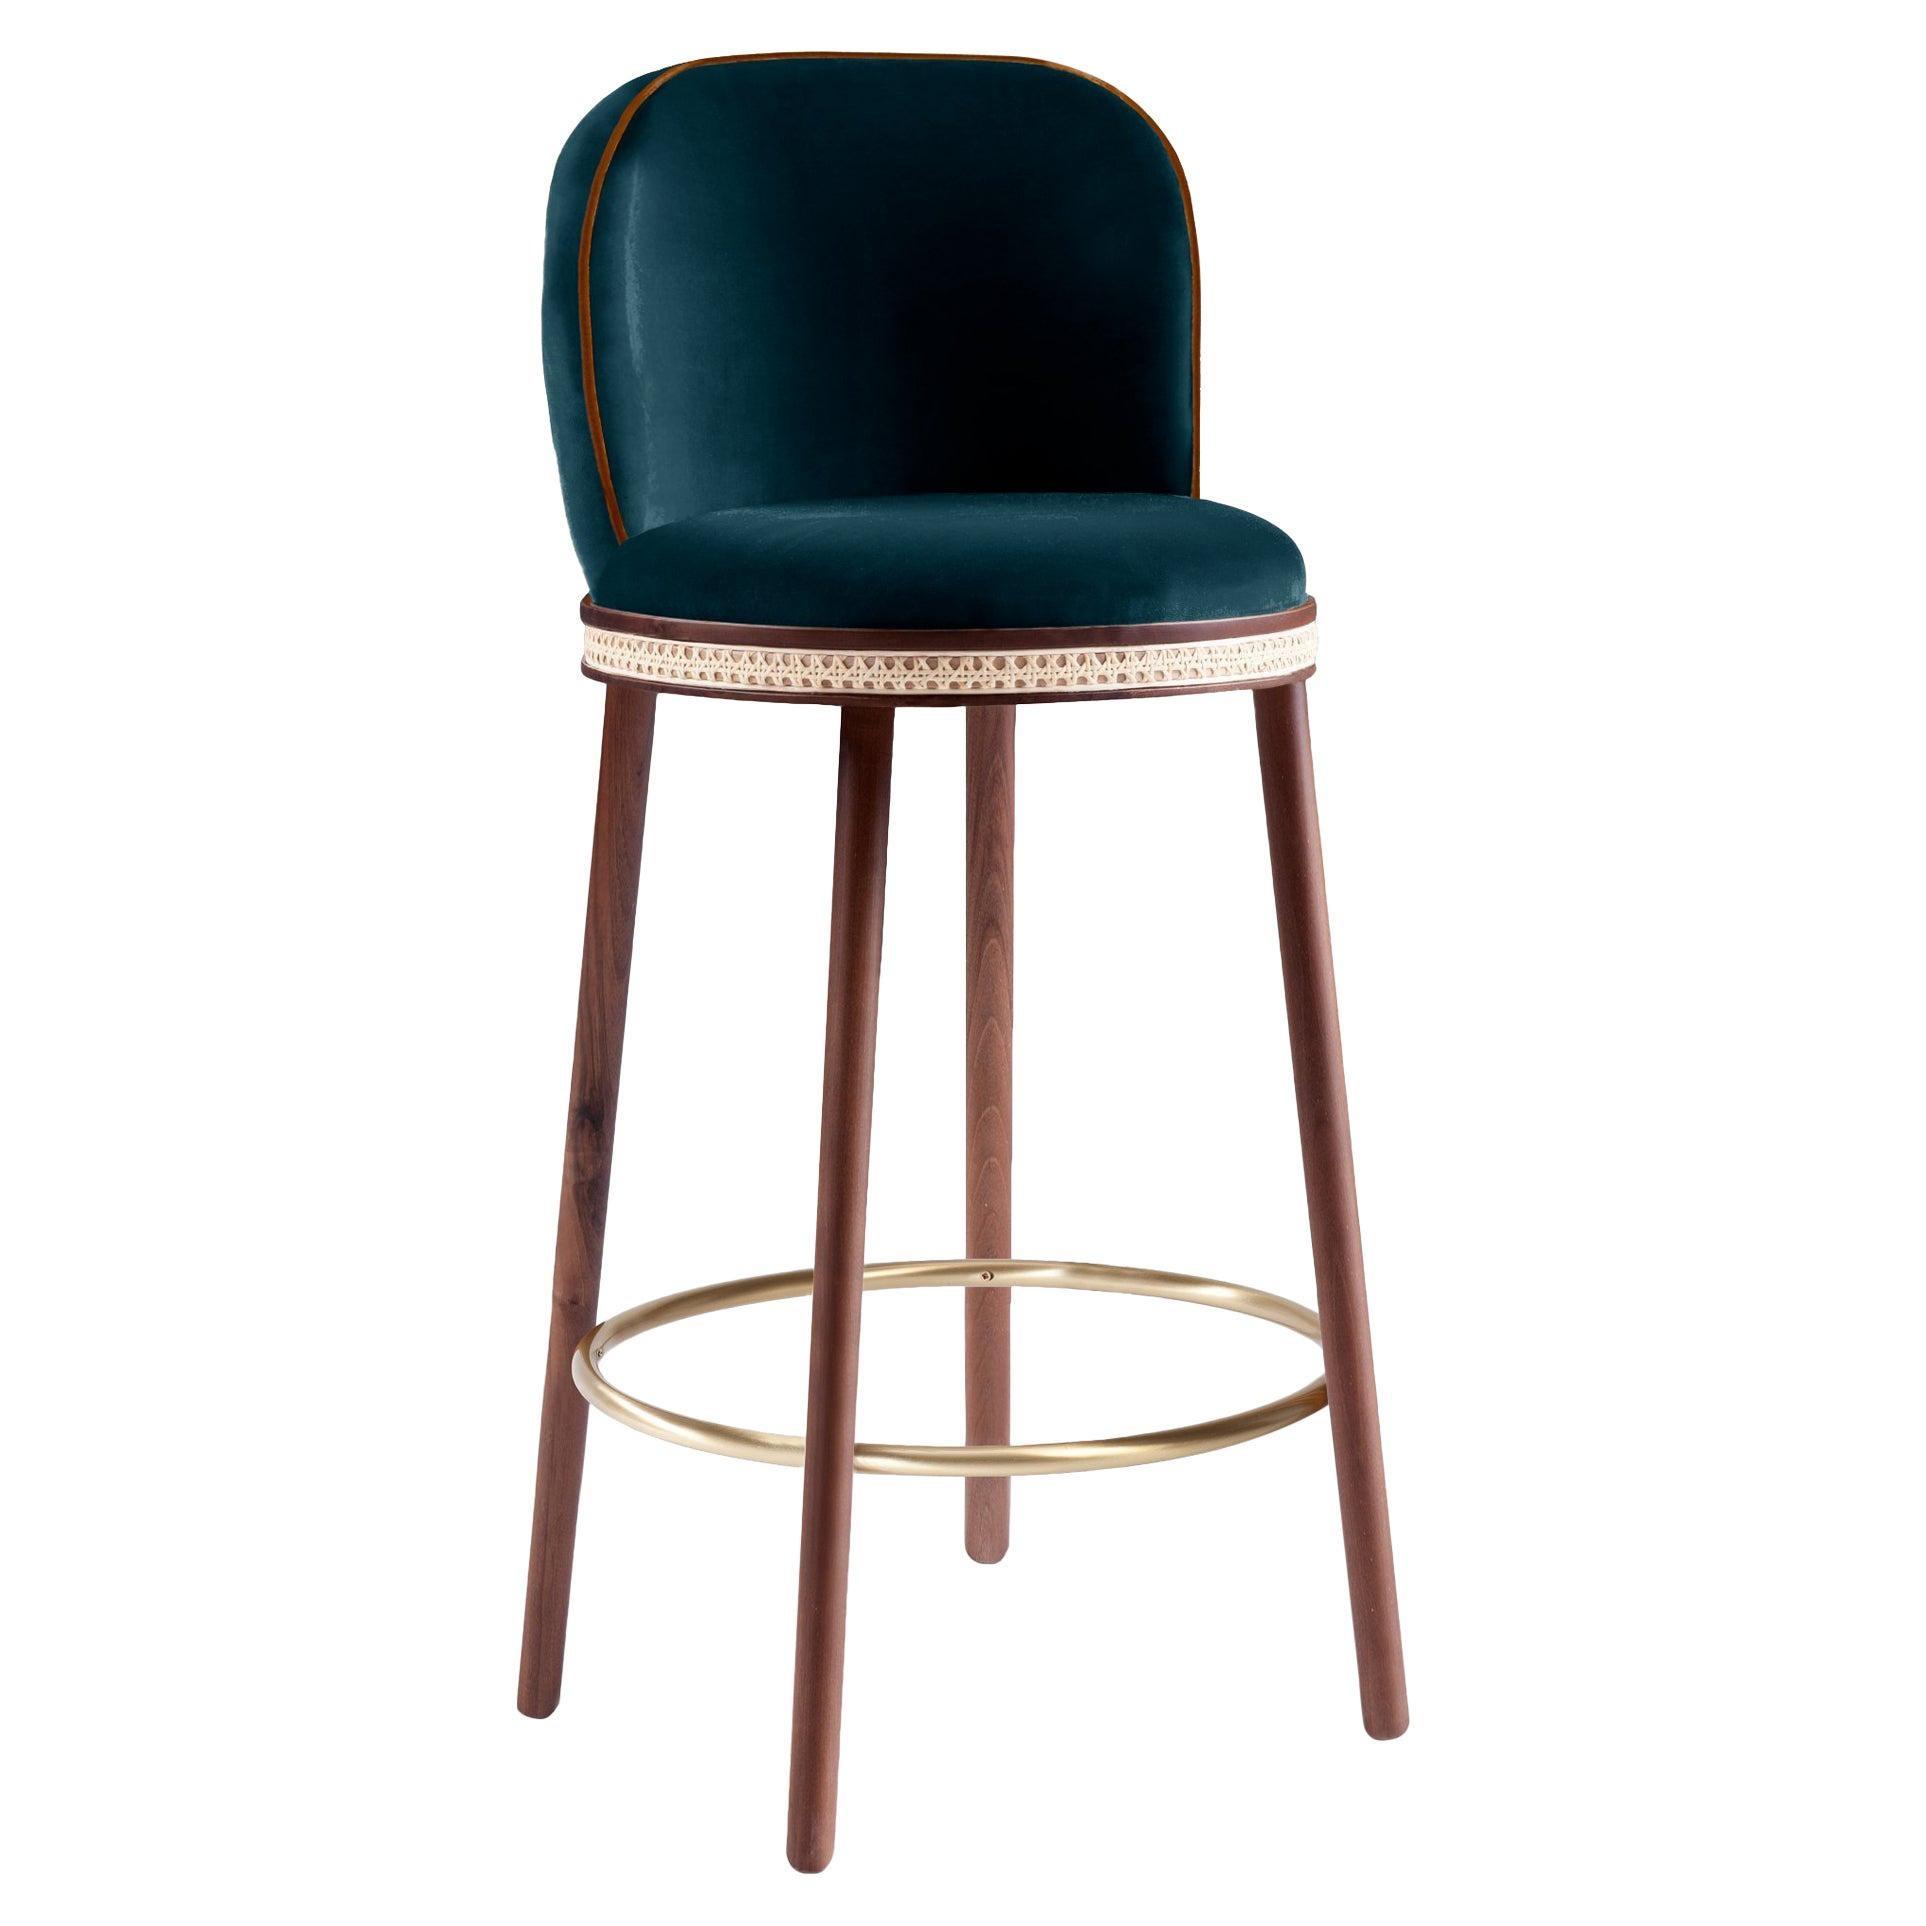 Bar Chair, Alma by Dooq